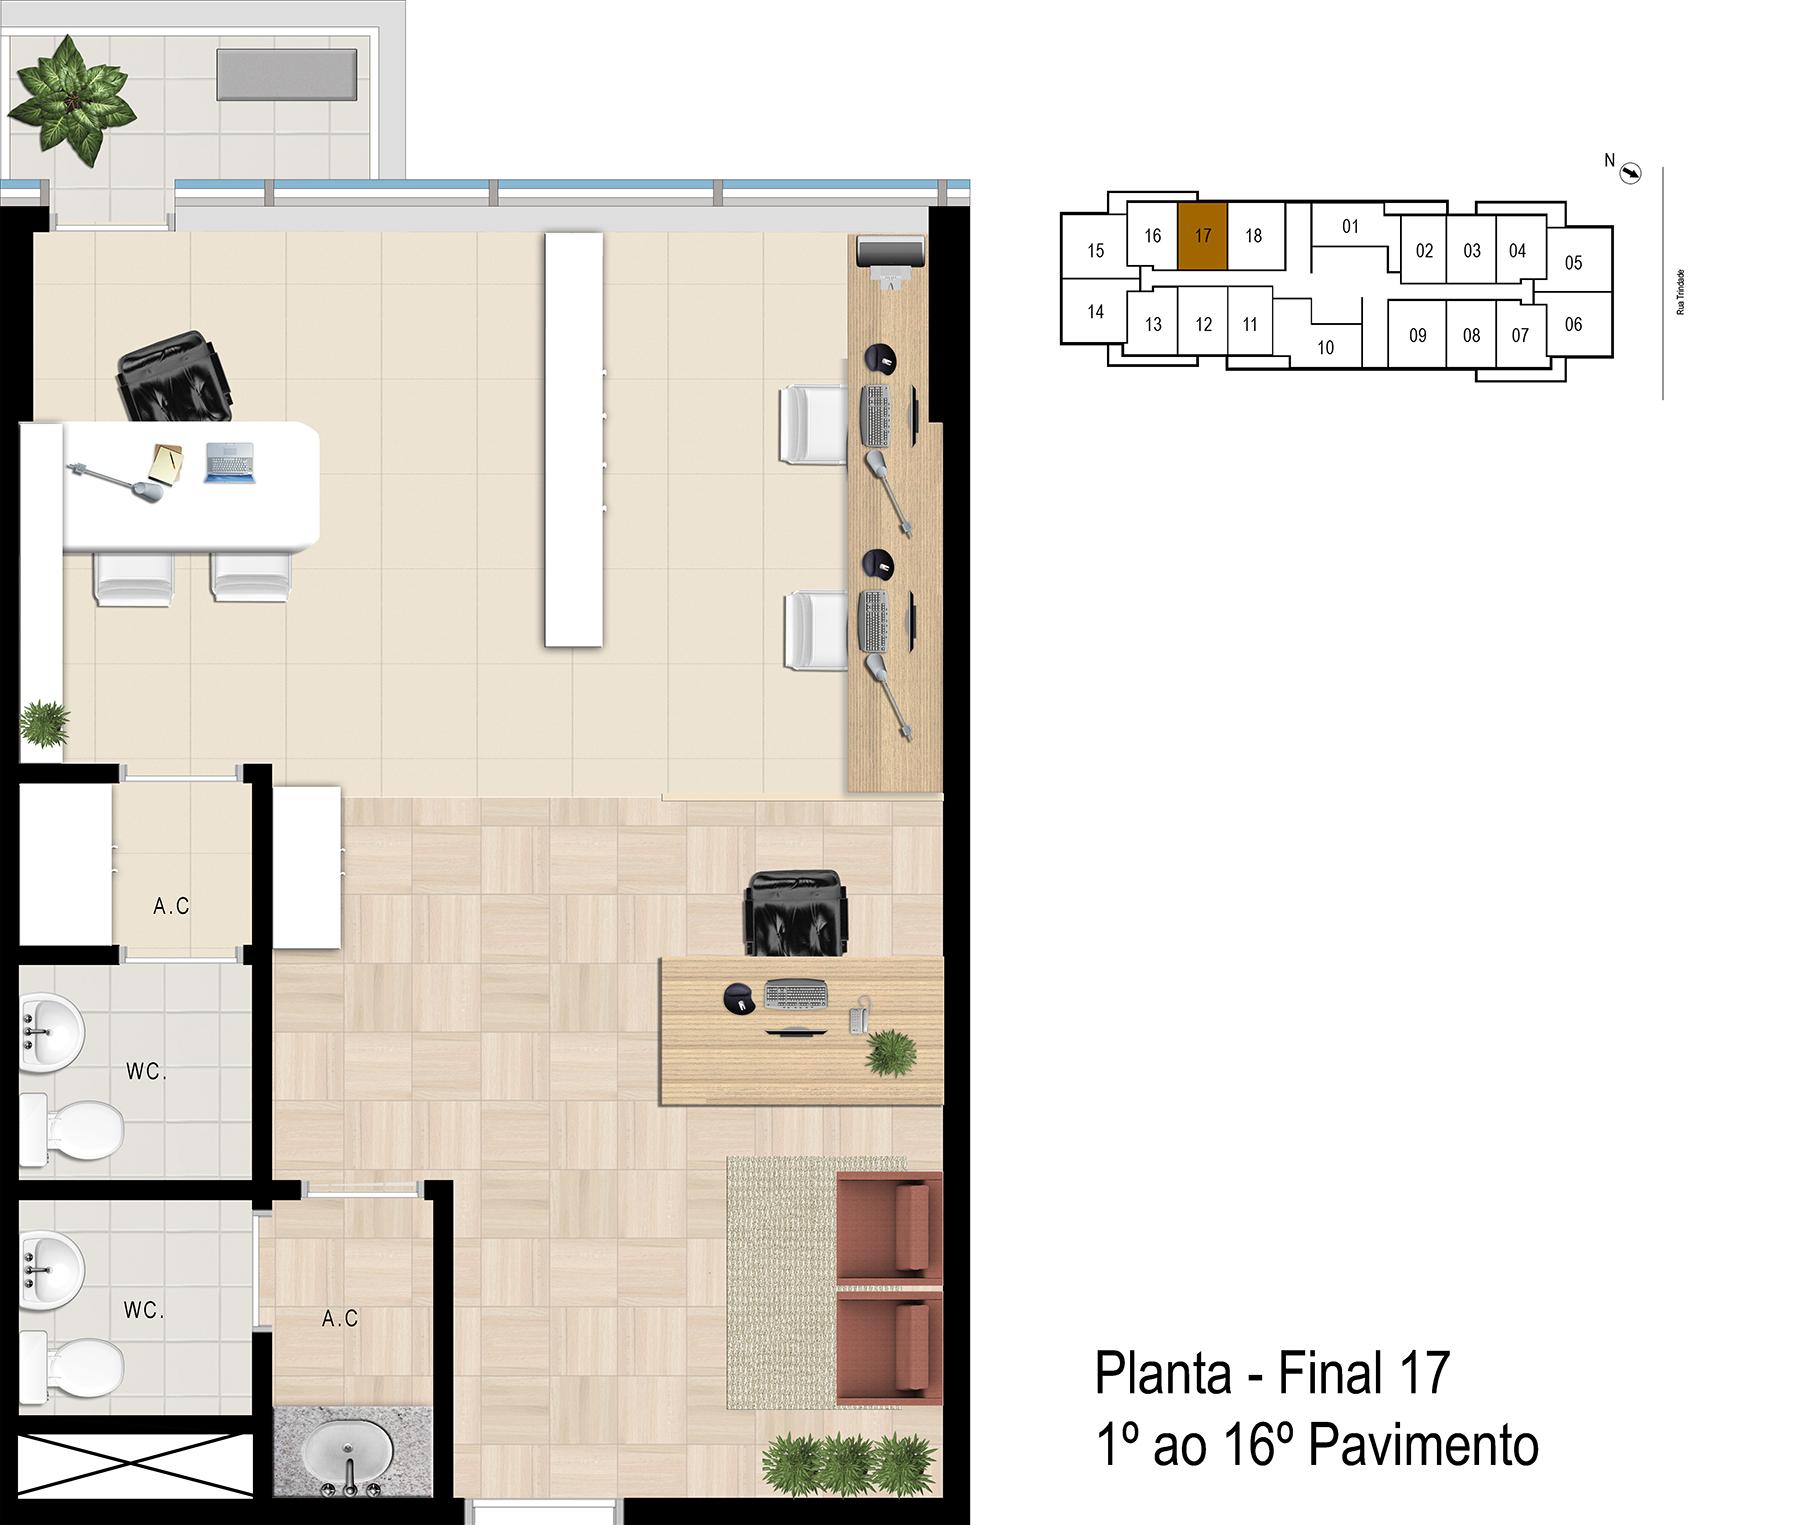 Final 17 - 1° ao 16° Pavimento Office Bethaville